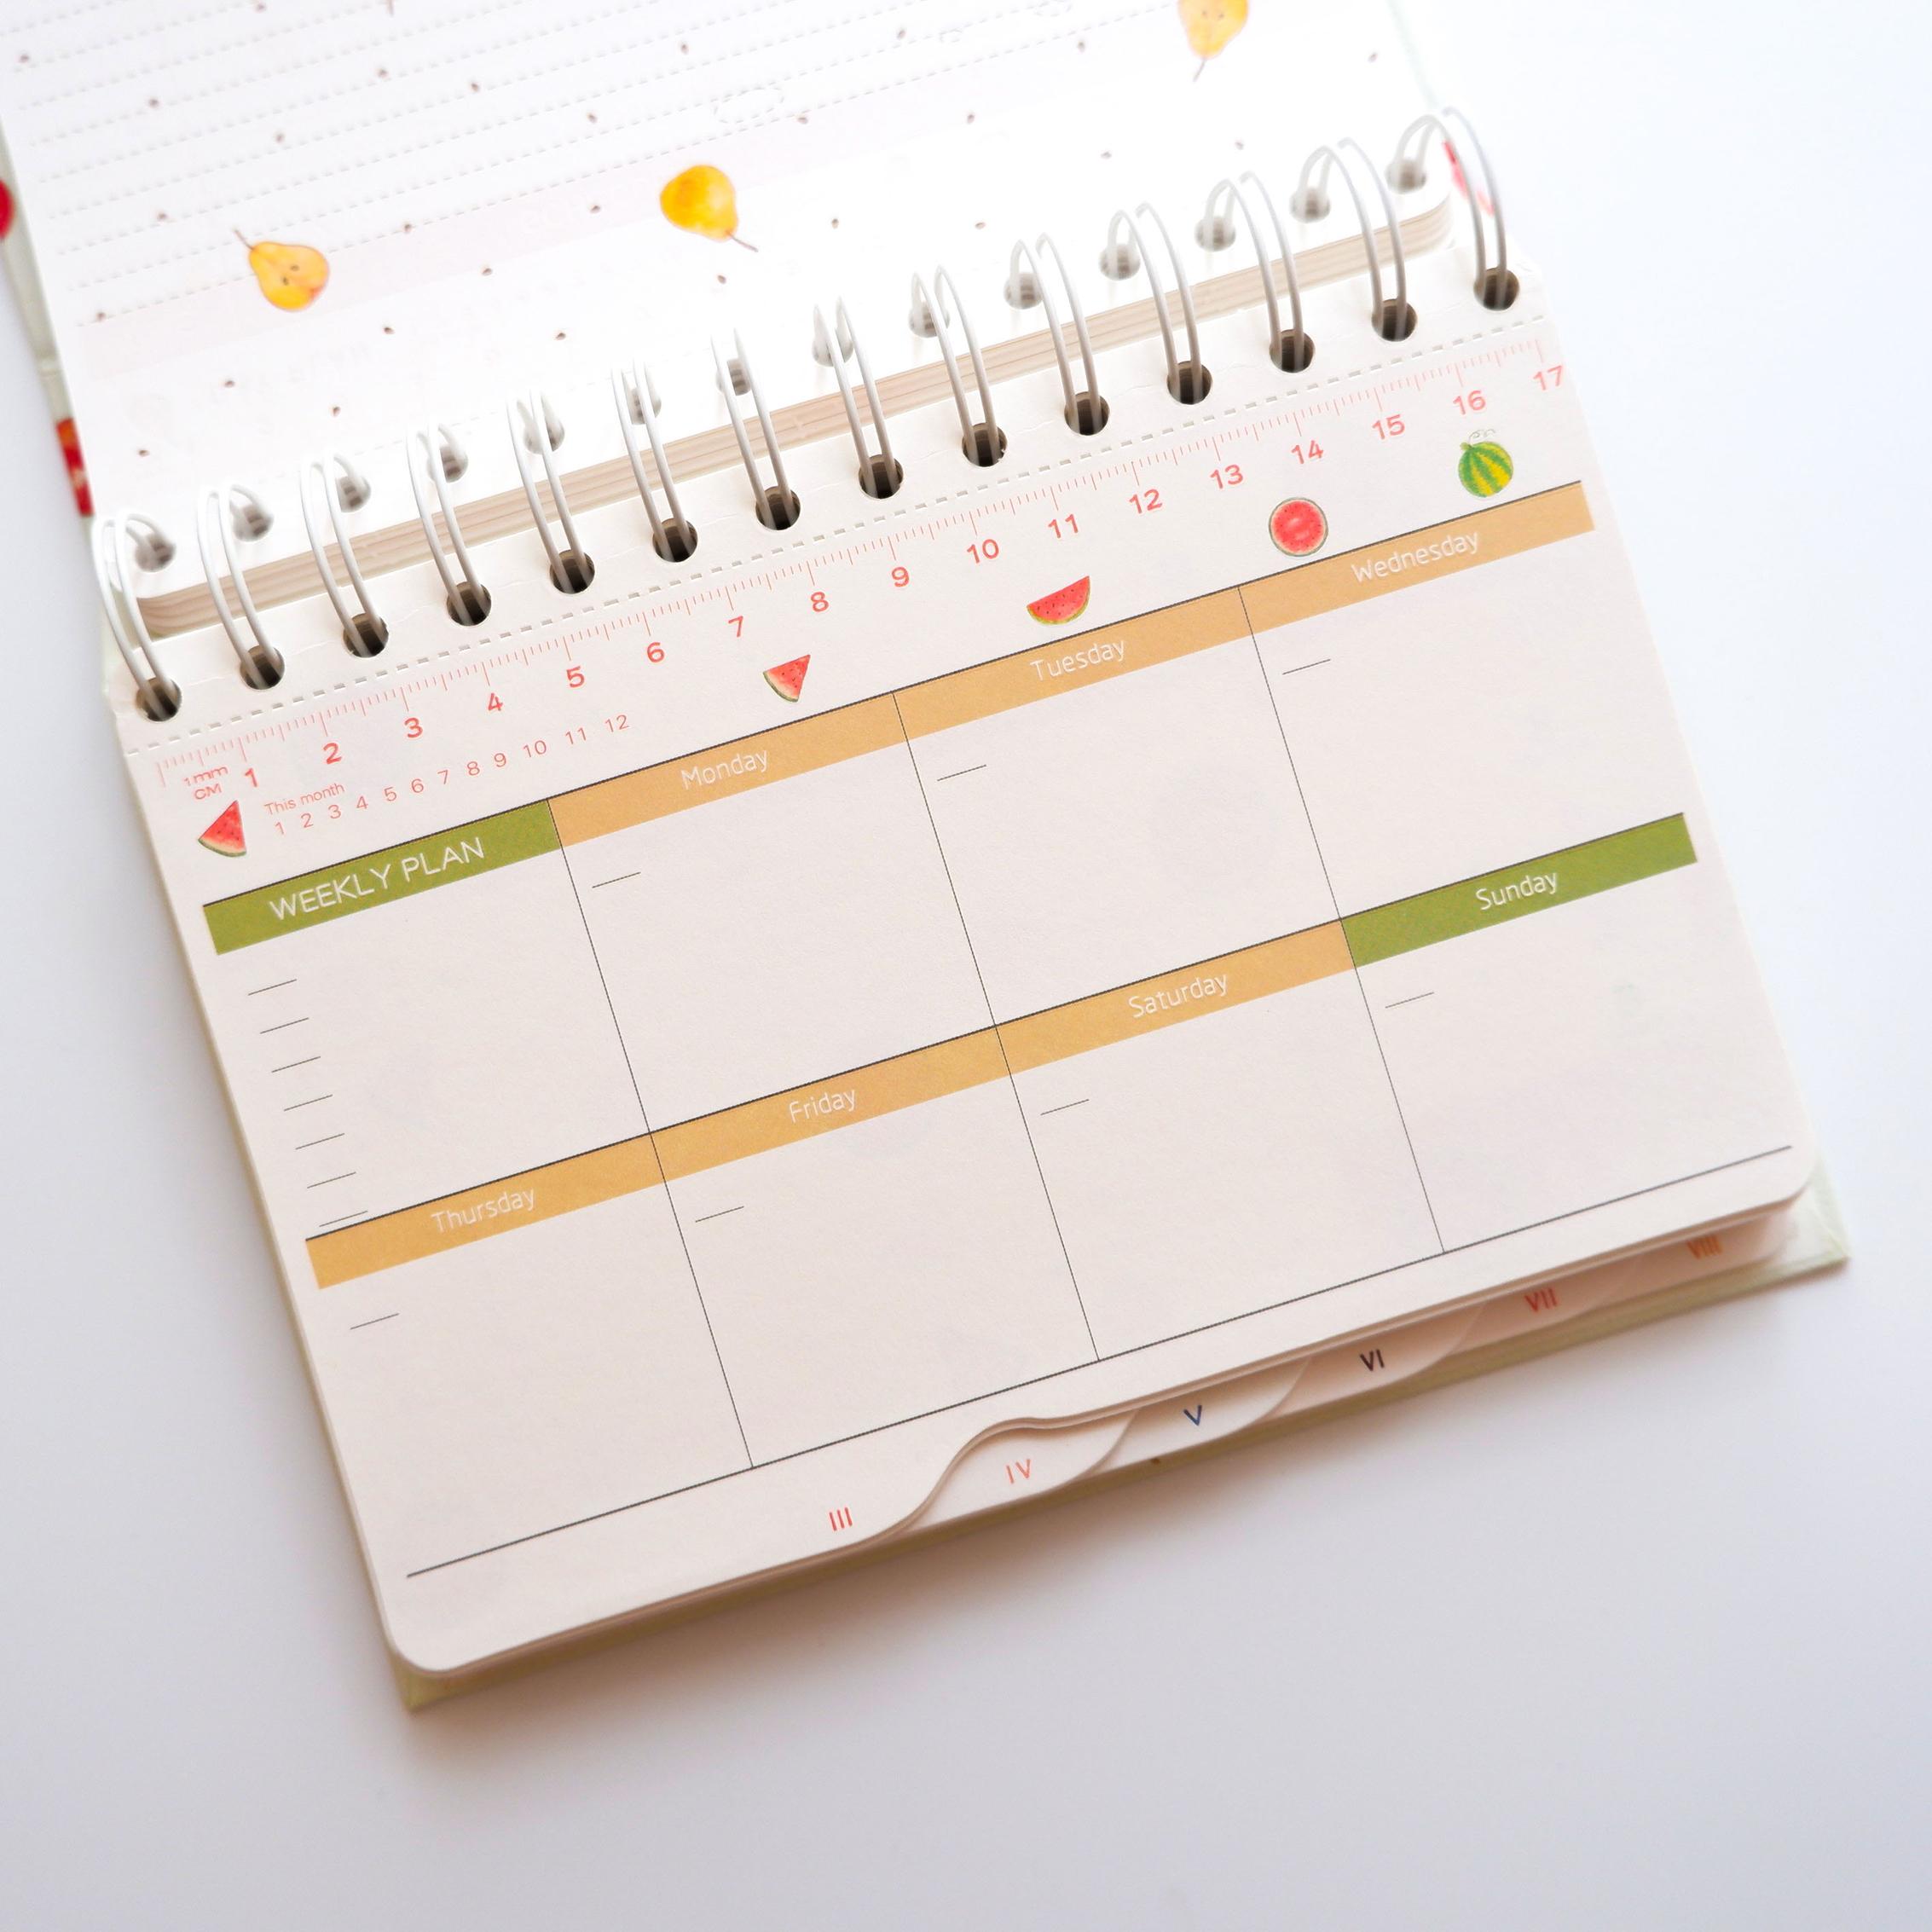 Sổ kế hoạch tuần cao cấp Cherry SQ-273 - Sổ Tay Các Loại Tác giả OEM | GiaSach.com